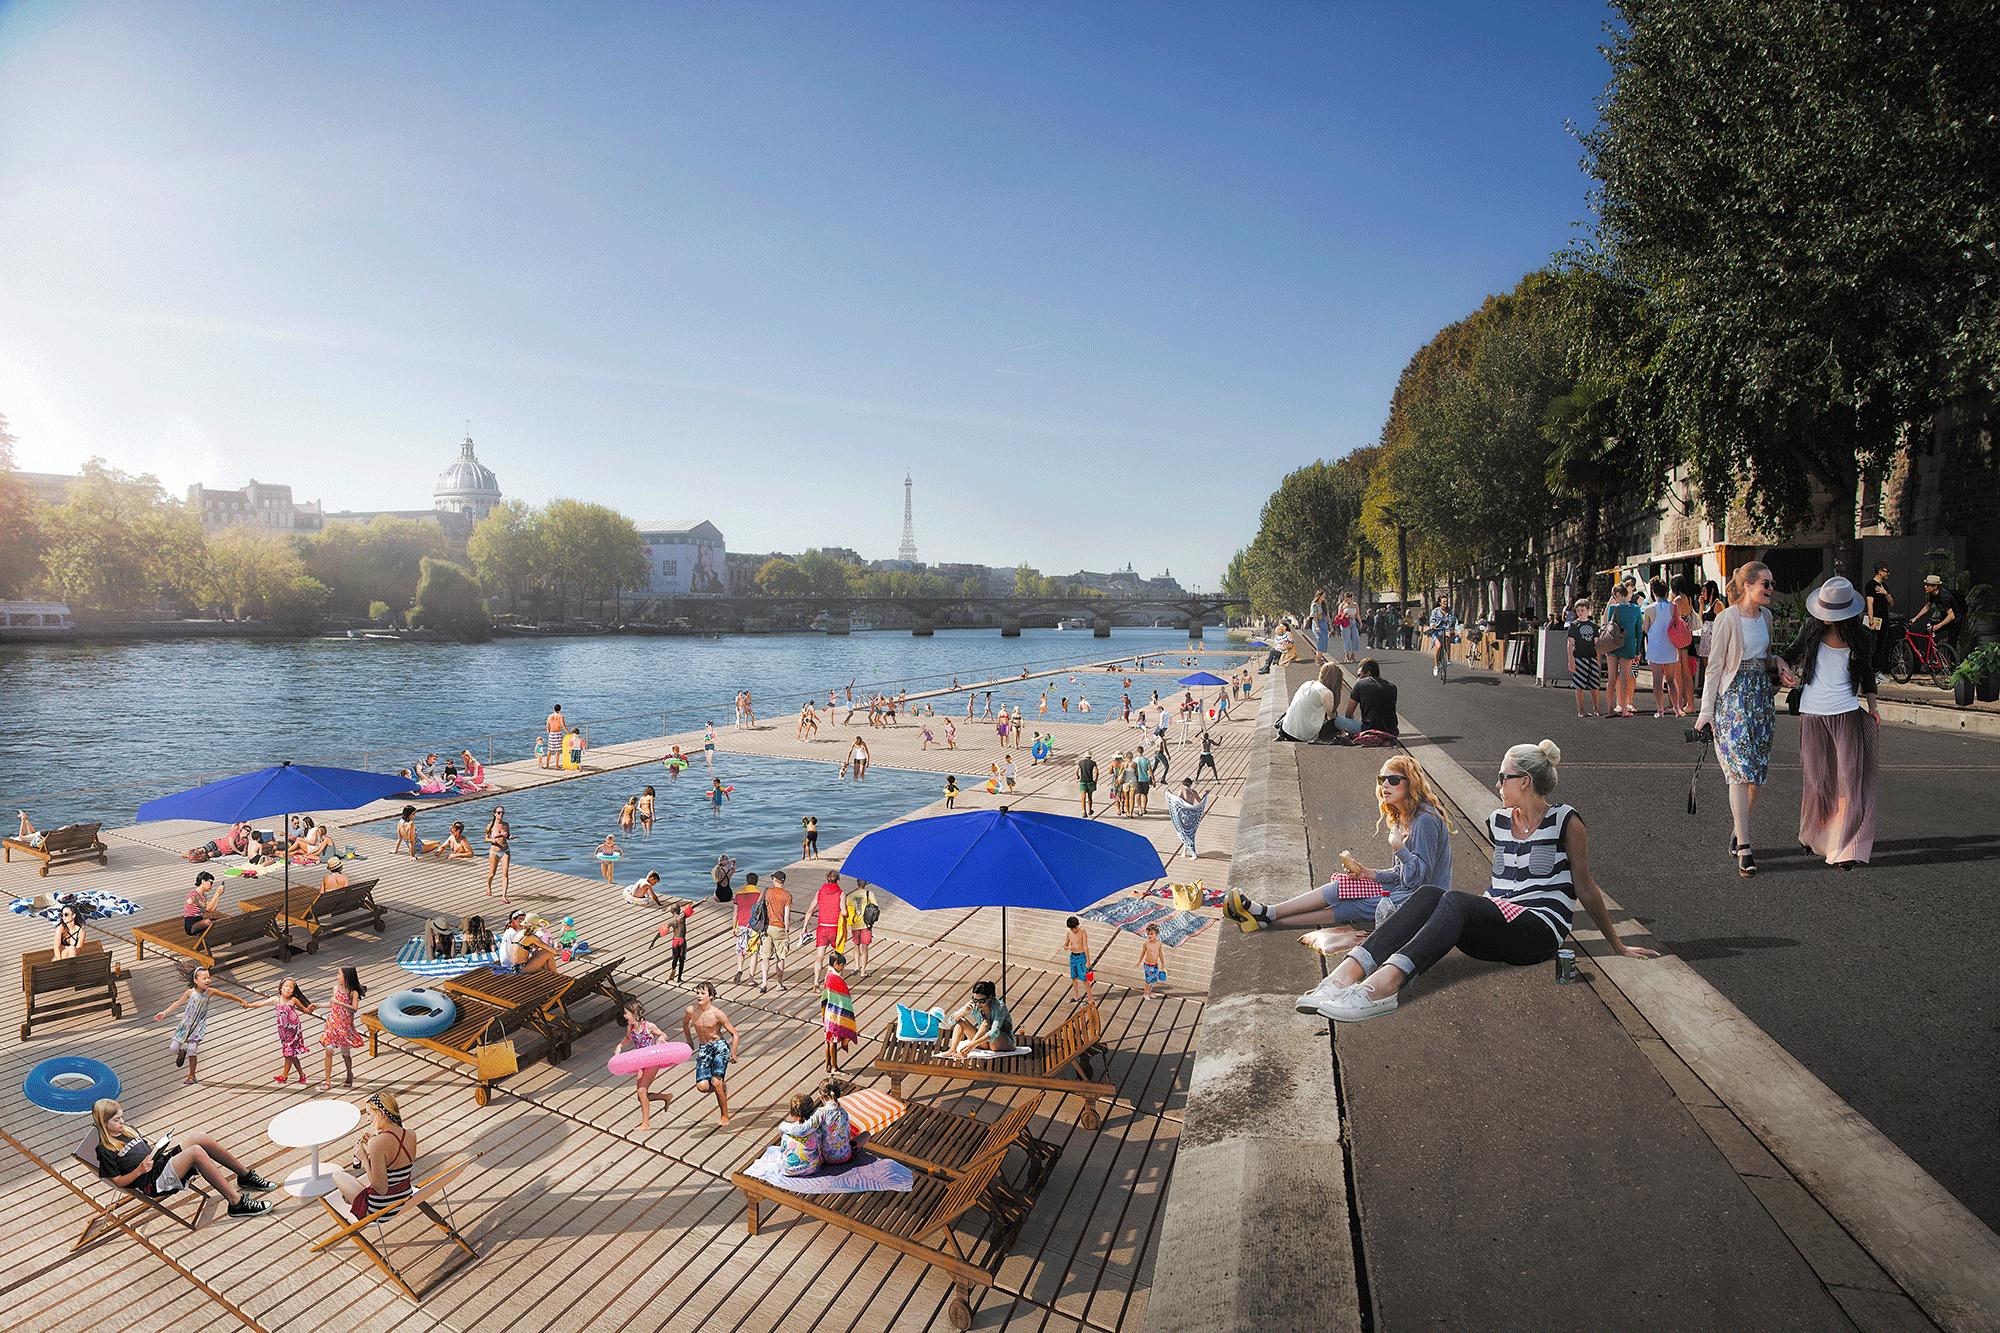 Baignade en Seine : près du Pont neuf